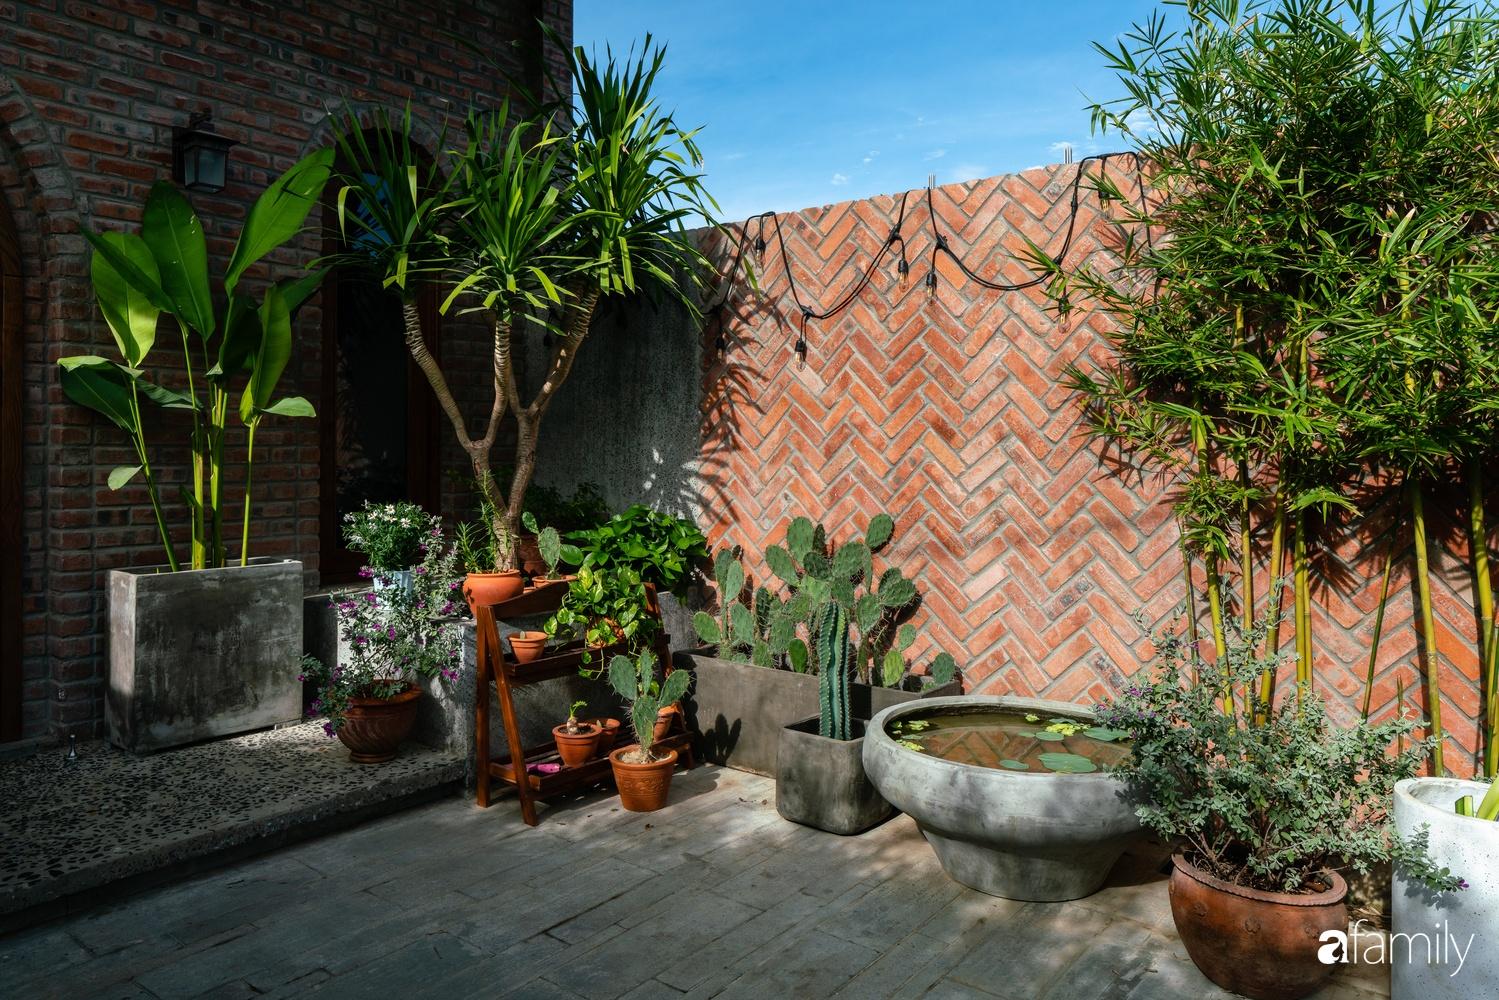 Ngôi nhà có kiến trúc độc đáo giàu tính nghệ thuật đẹp yên bình, mộc mạc giữa trung tâm thành phố Đà Nẵng - Ảnh 5.